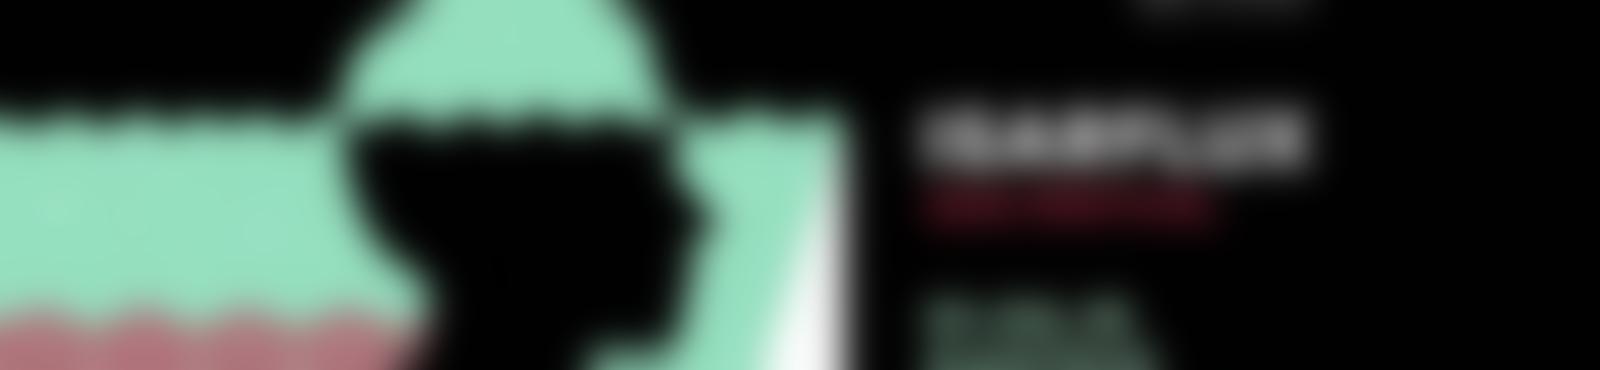 Blurred f85163a8 9f0b 4464 bc0b 99d8d6f5eb41